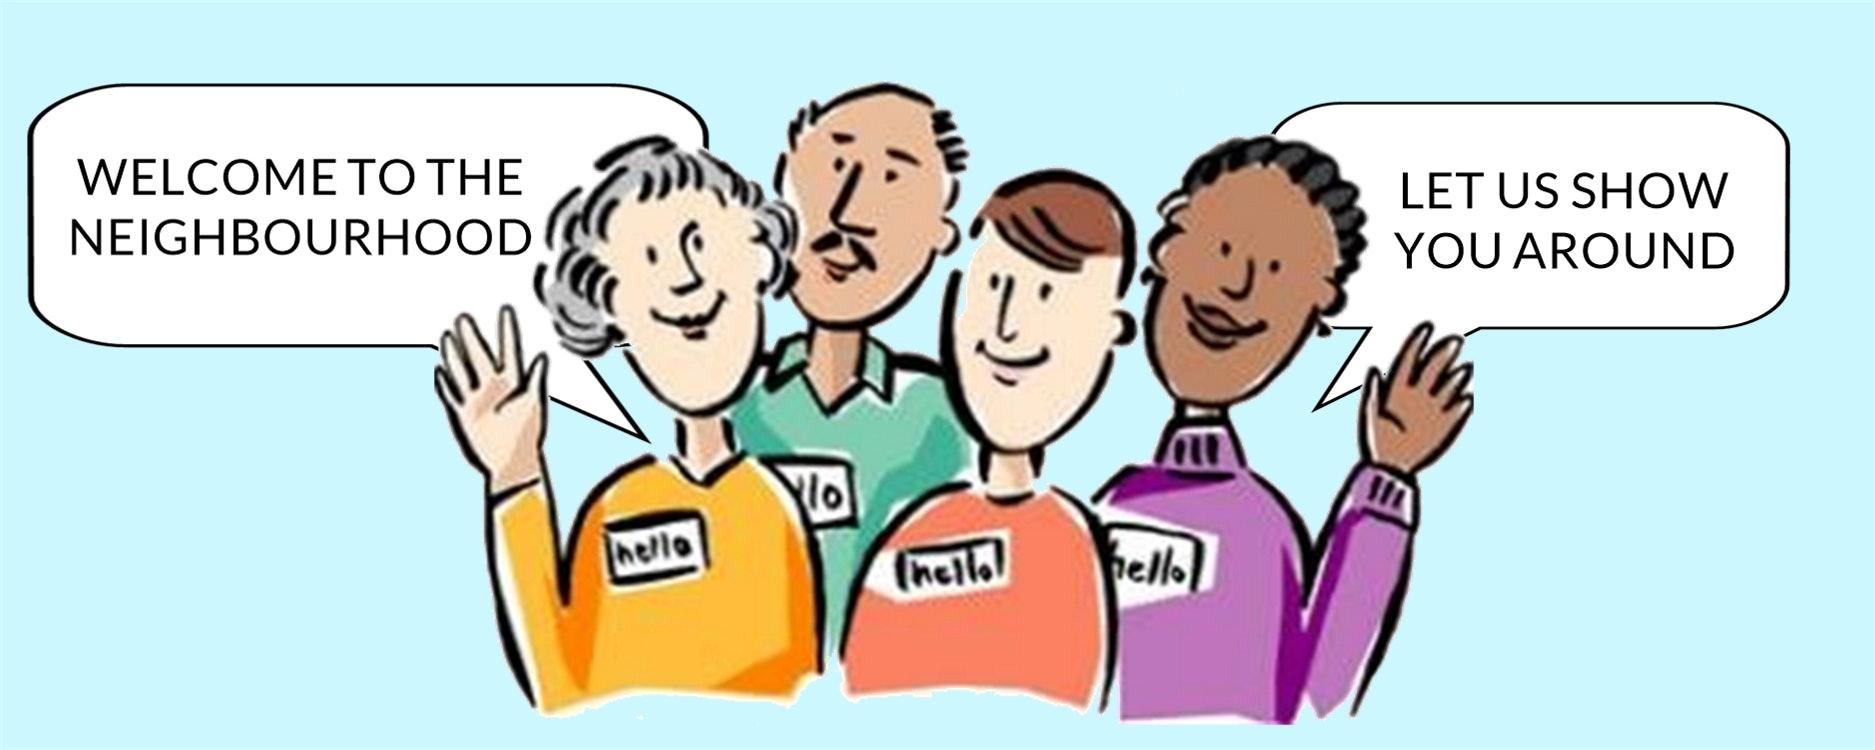 Cartoon 4 figures welcoming to the neighborhood